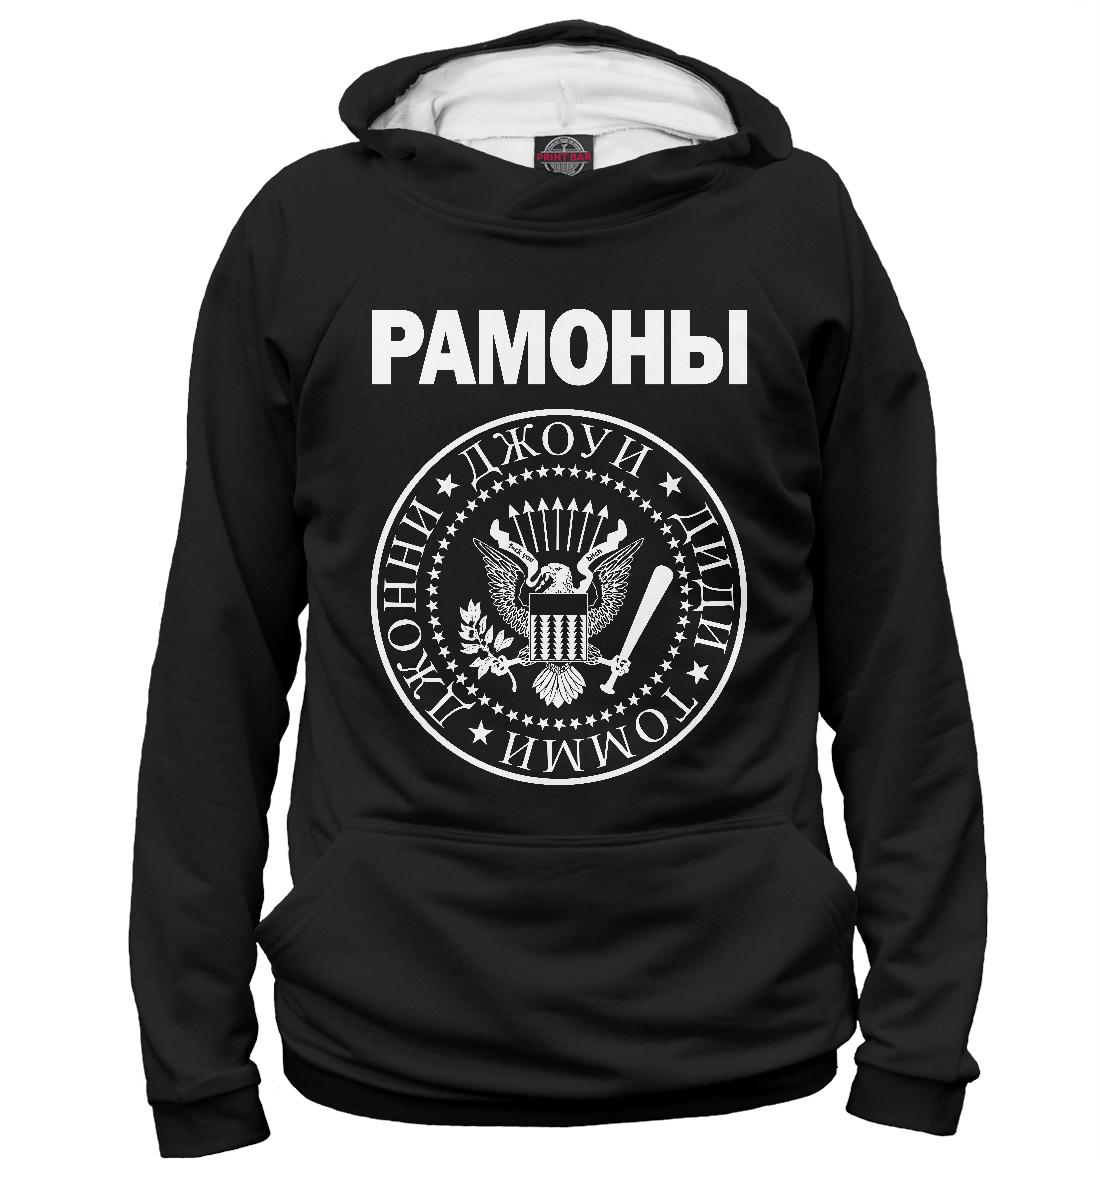 Купить Рамонес, Printbar, Худи, RMN-625386-hud-2